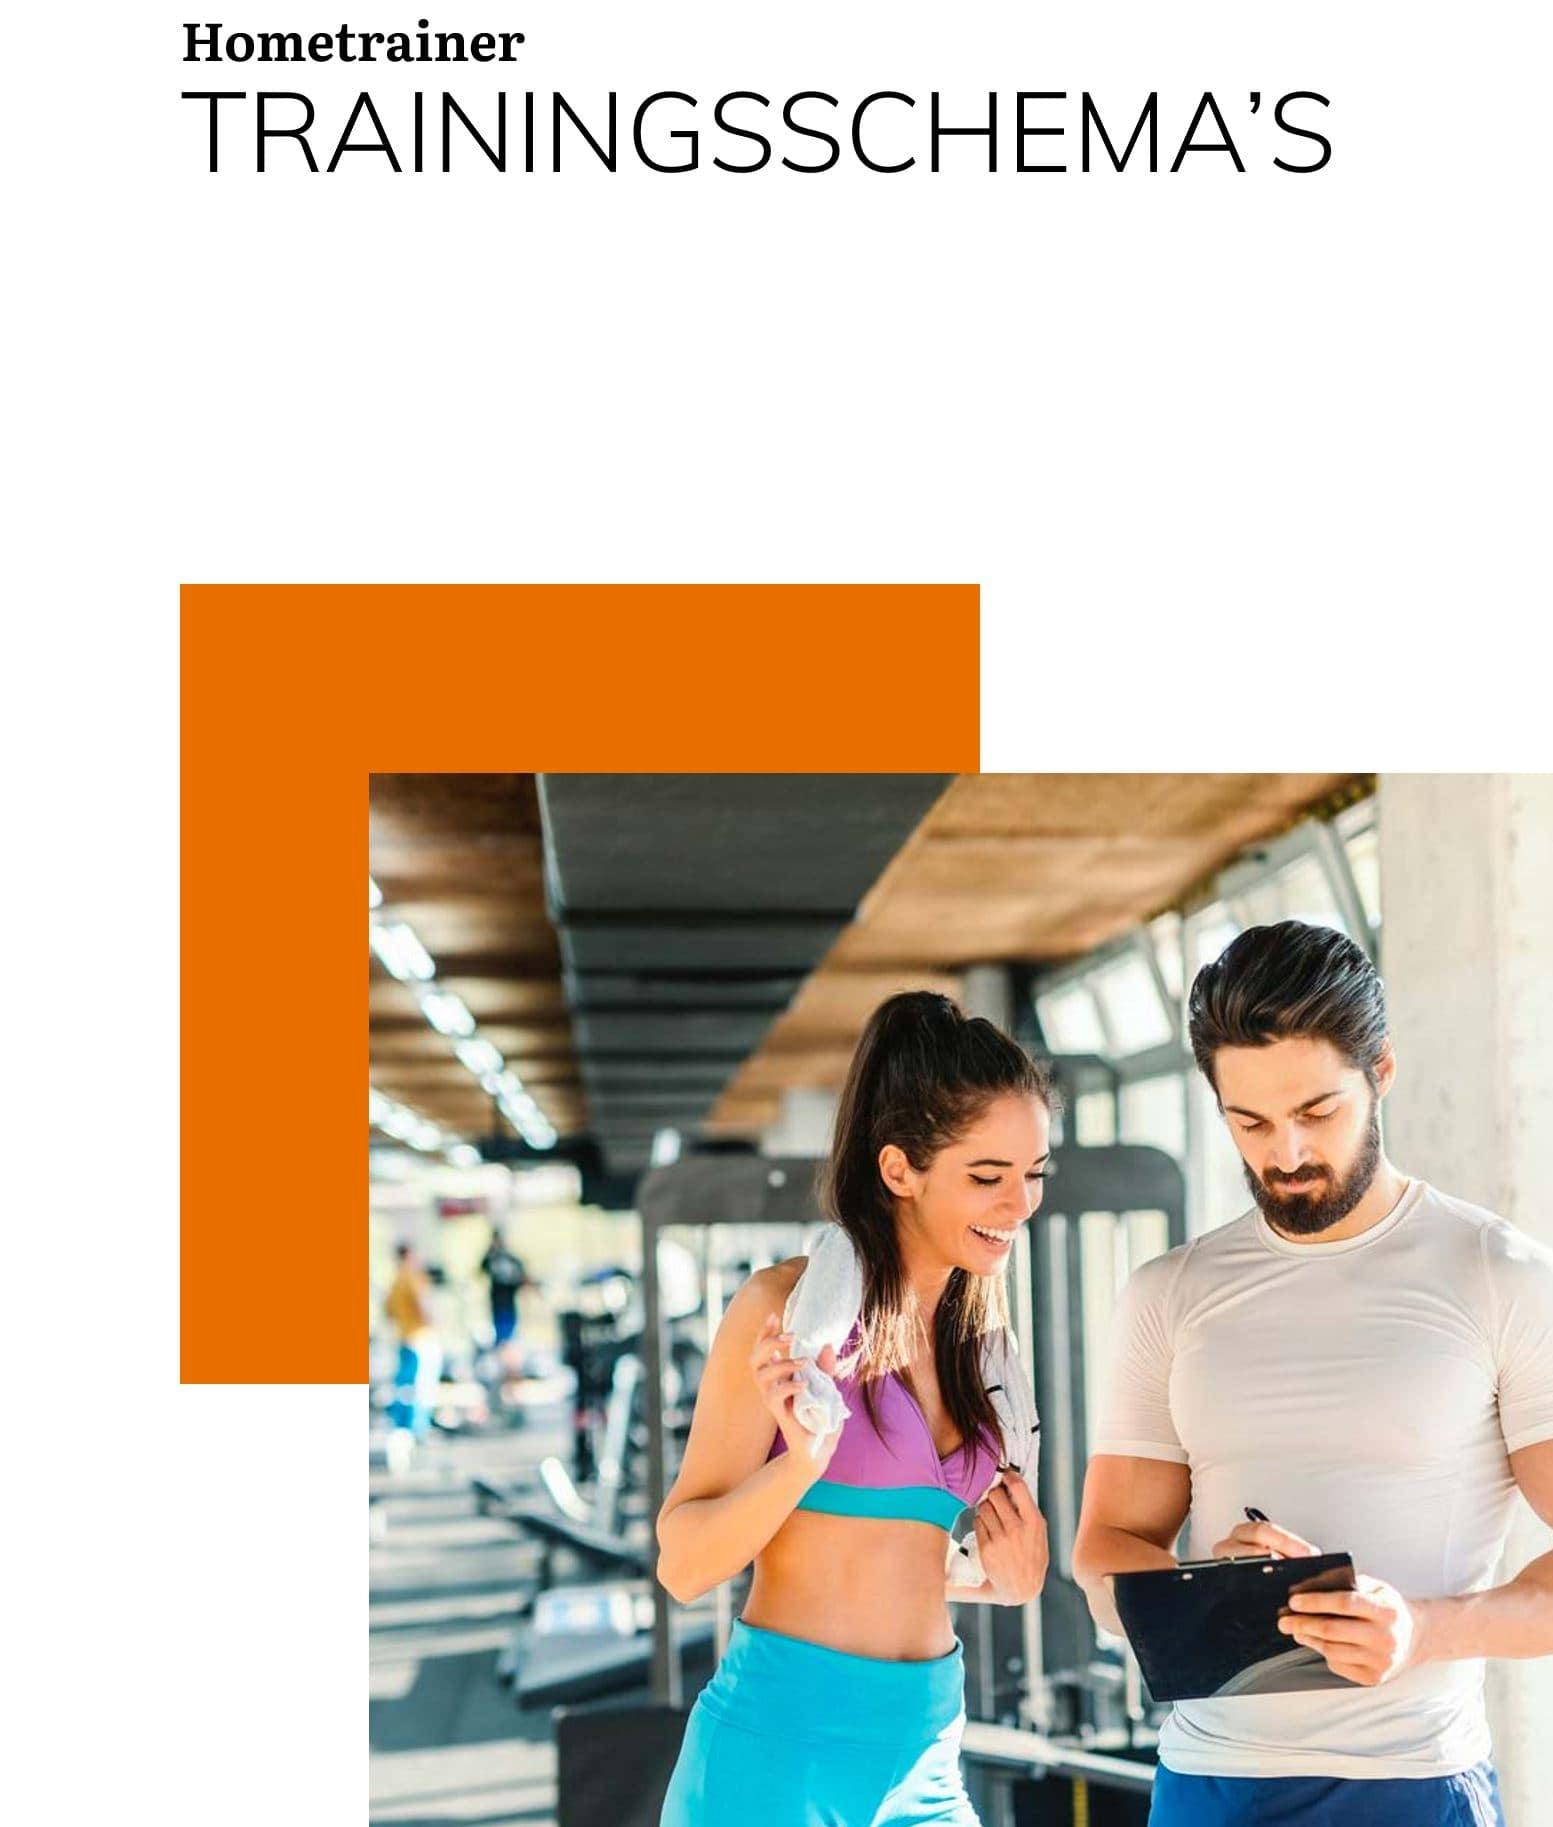 Hometrainer trainingsschemas gratis ebook cover